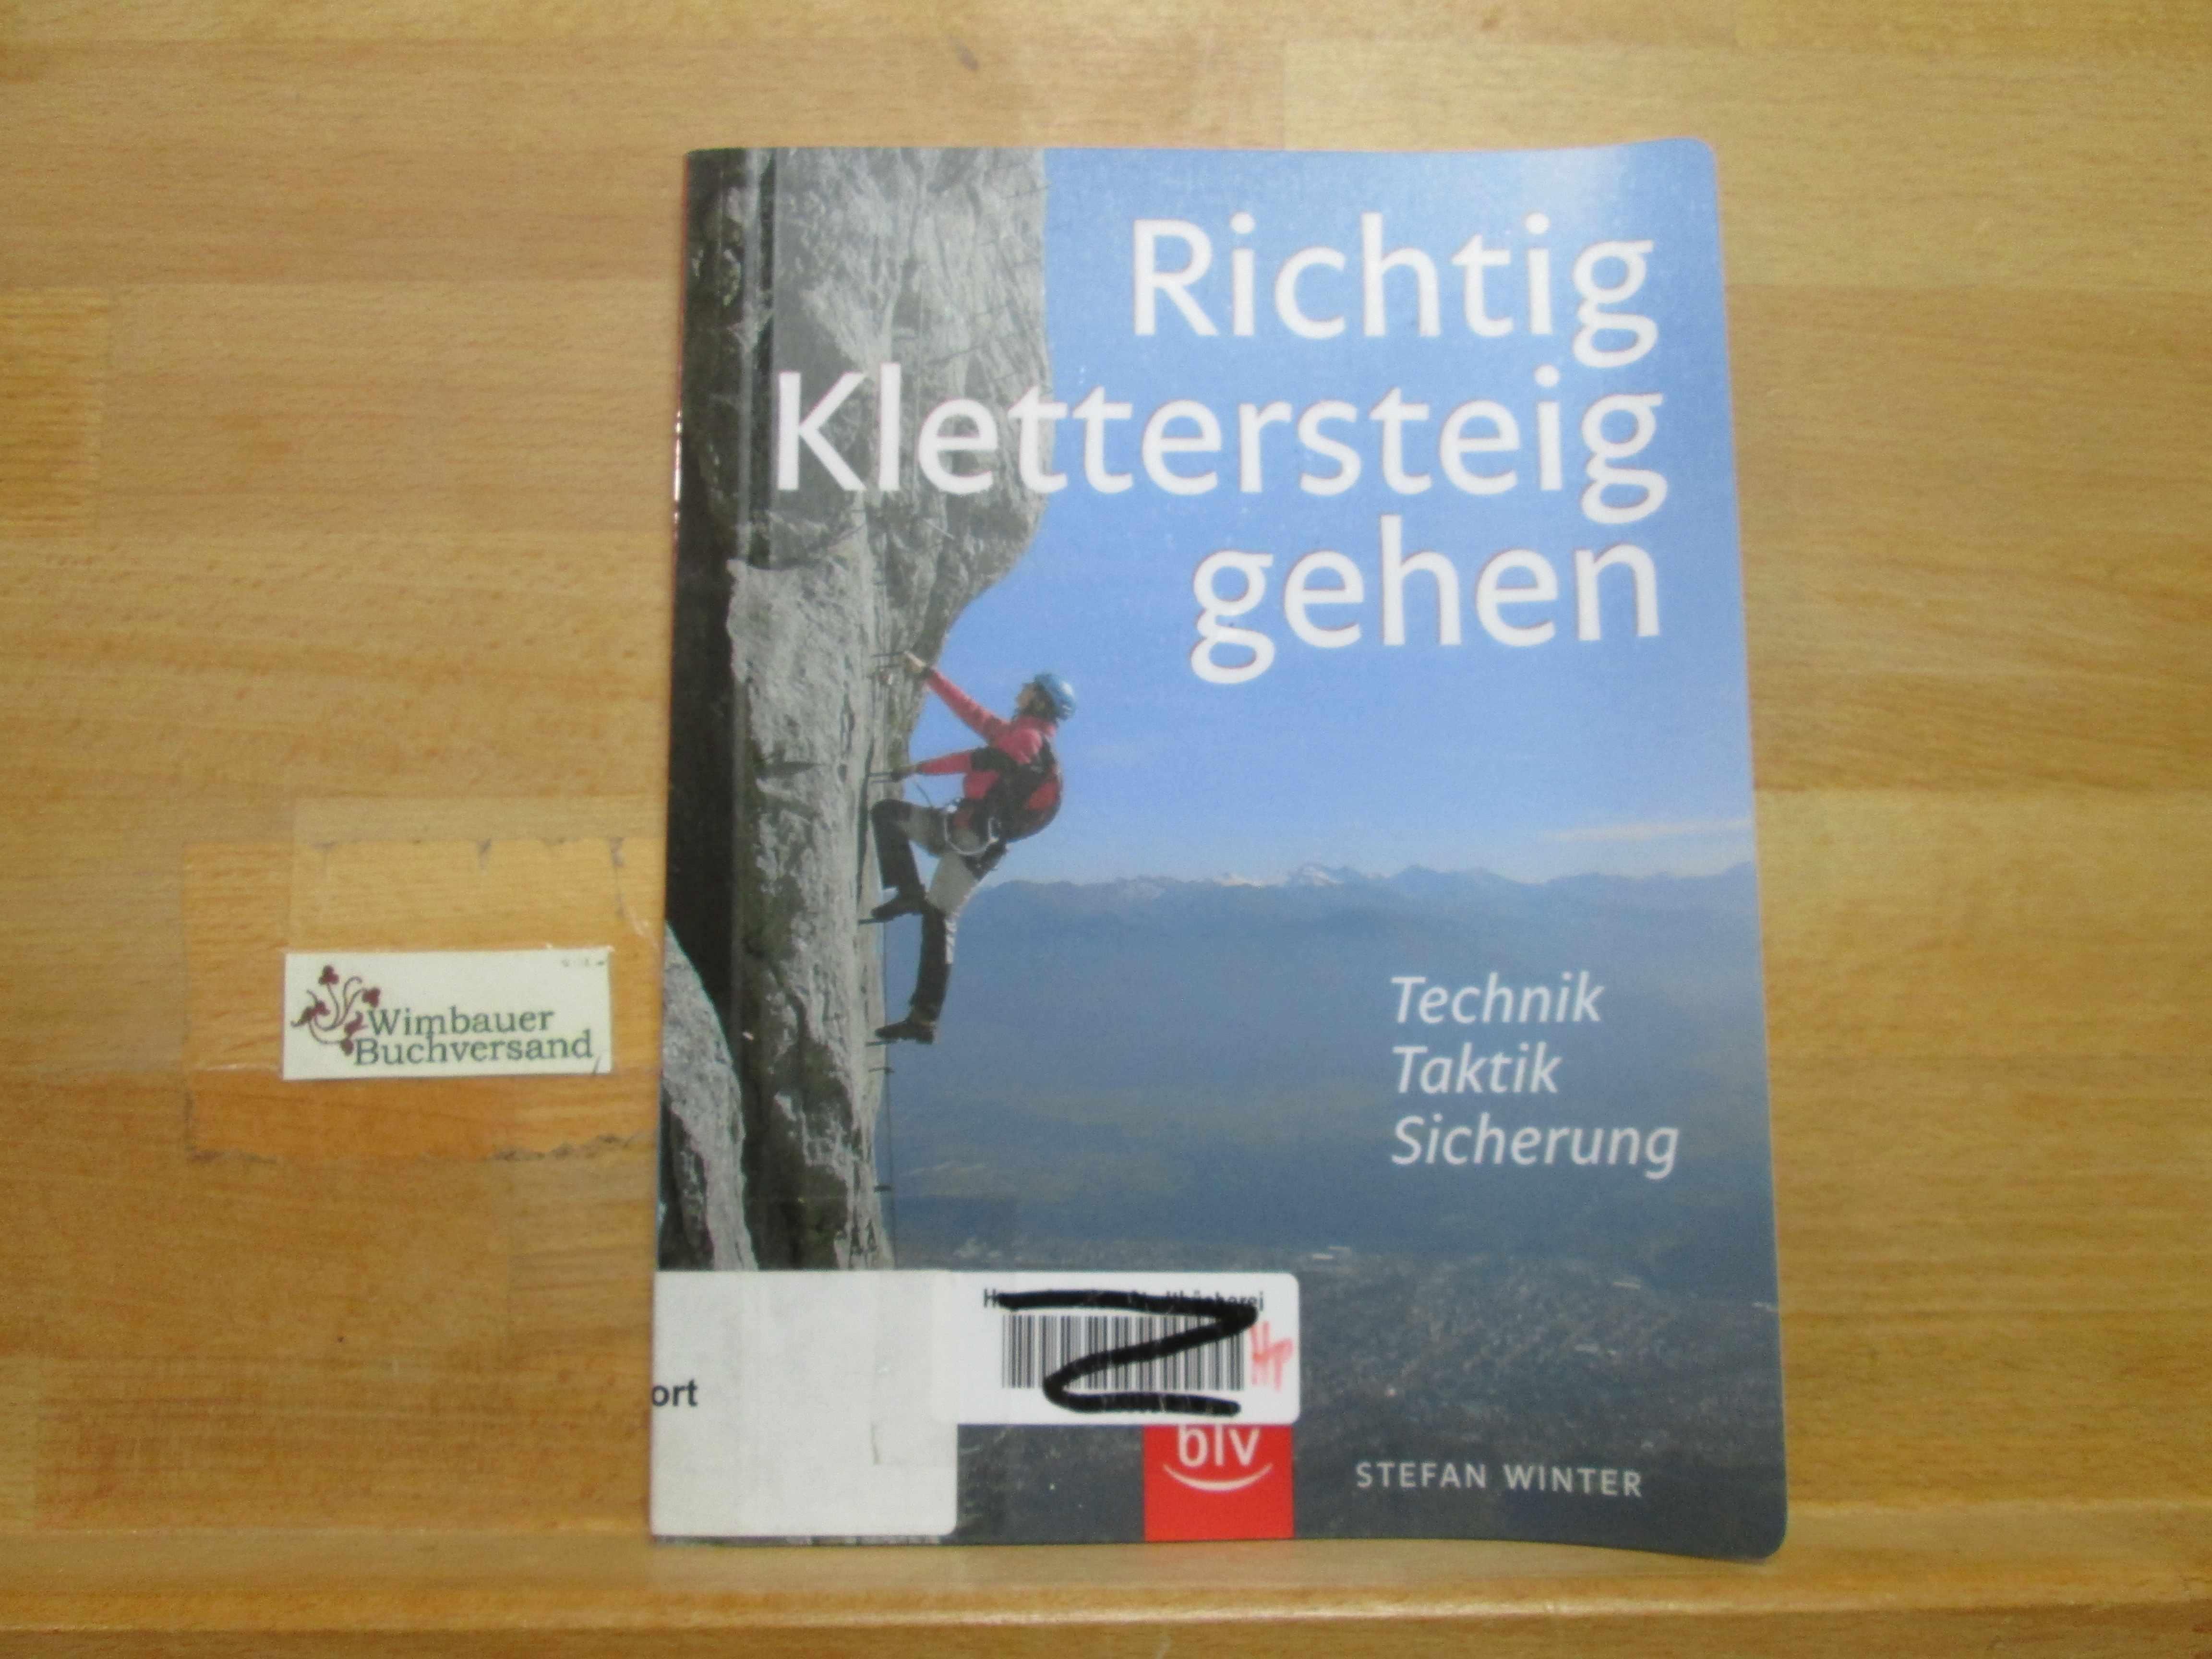 Richtig Klettersteiggehen : Technik, Taktik, Sicherung.